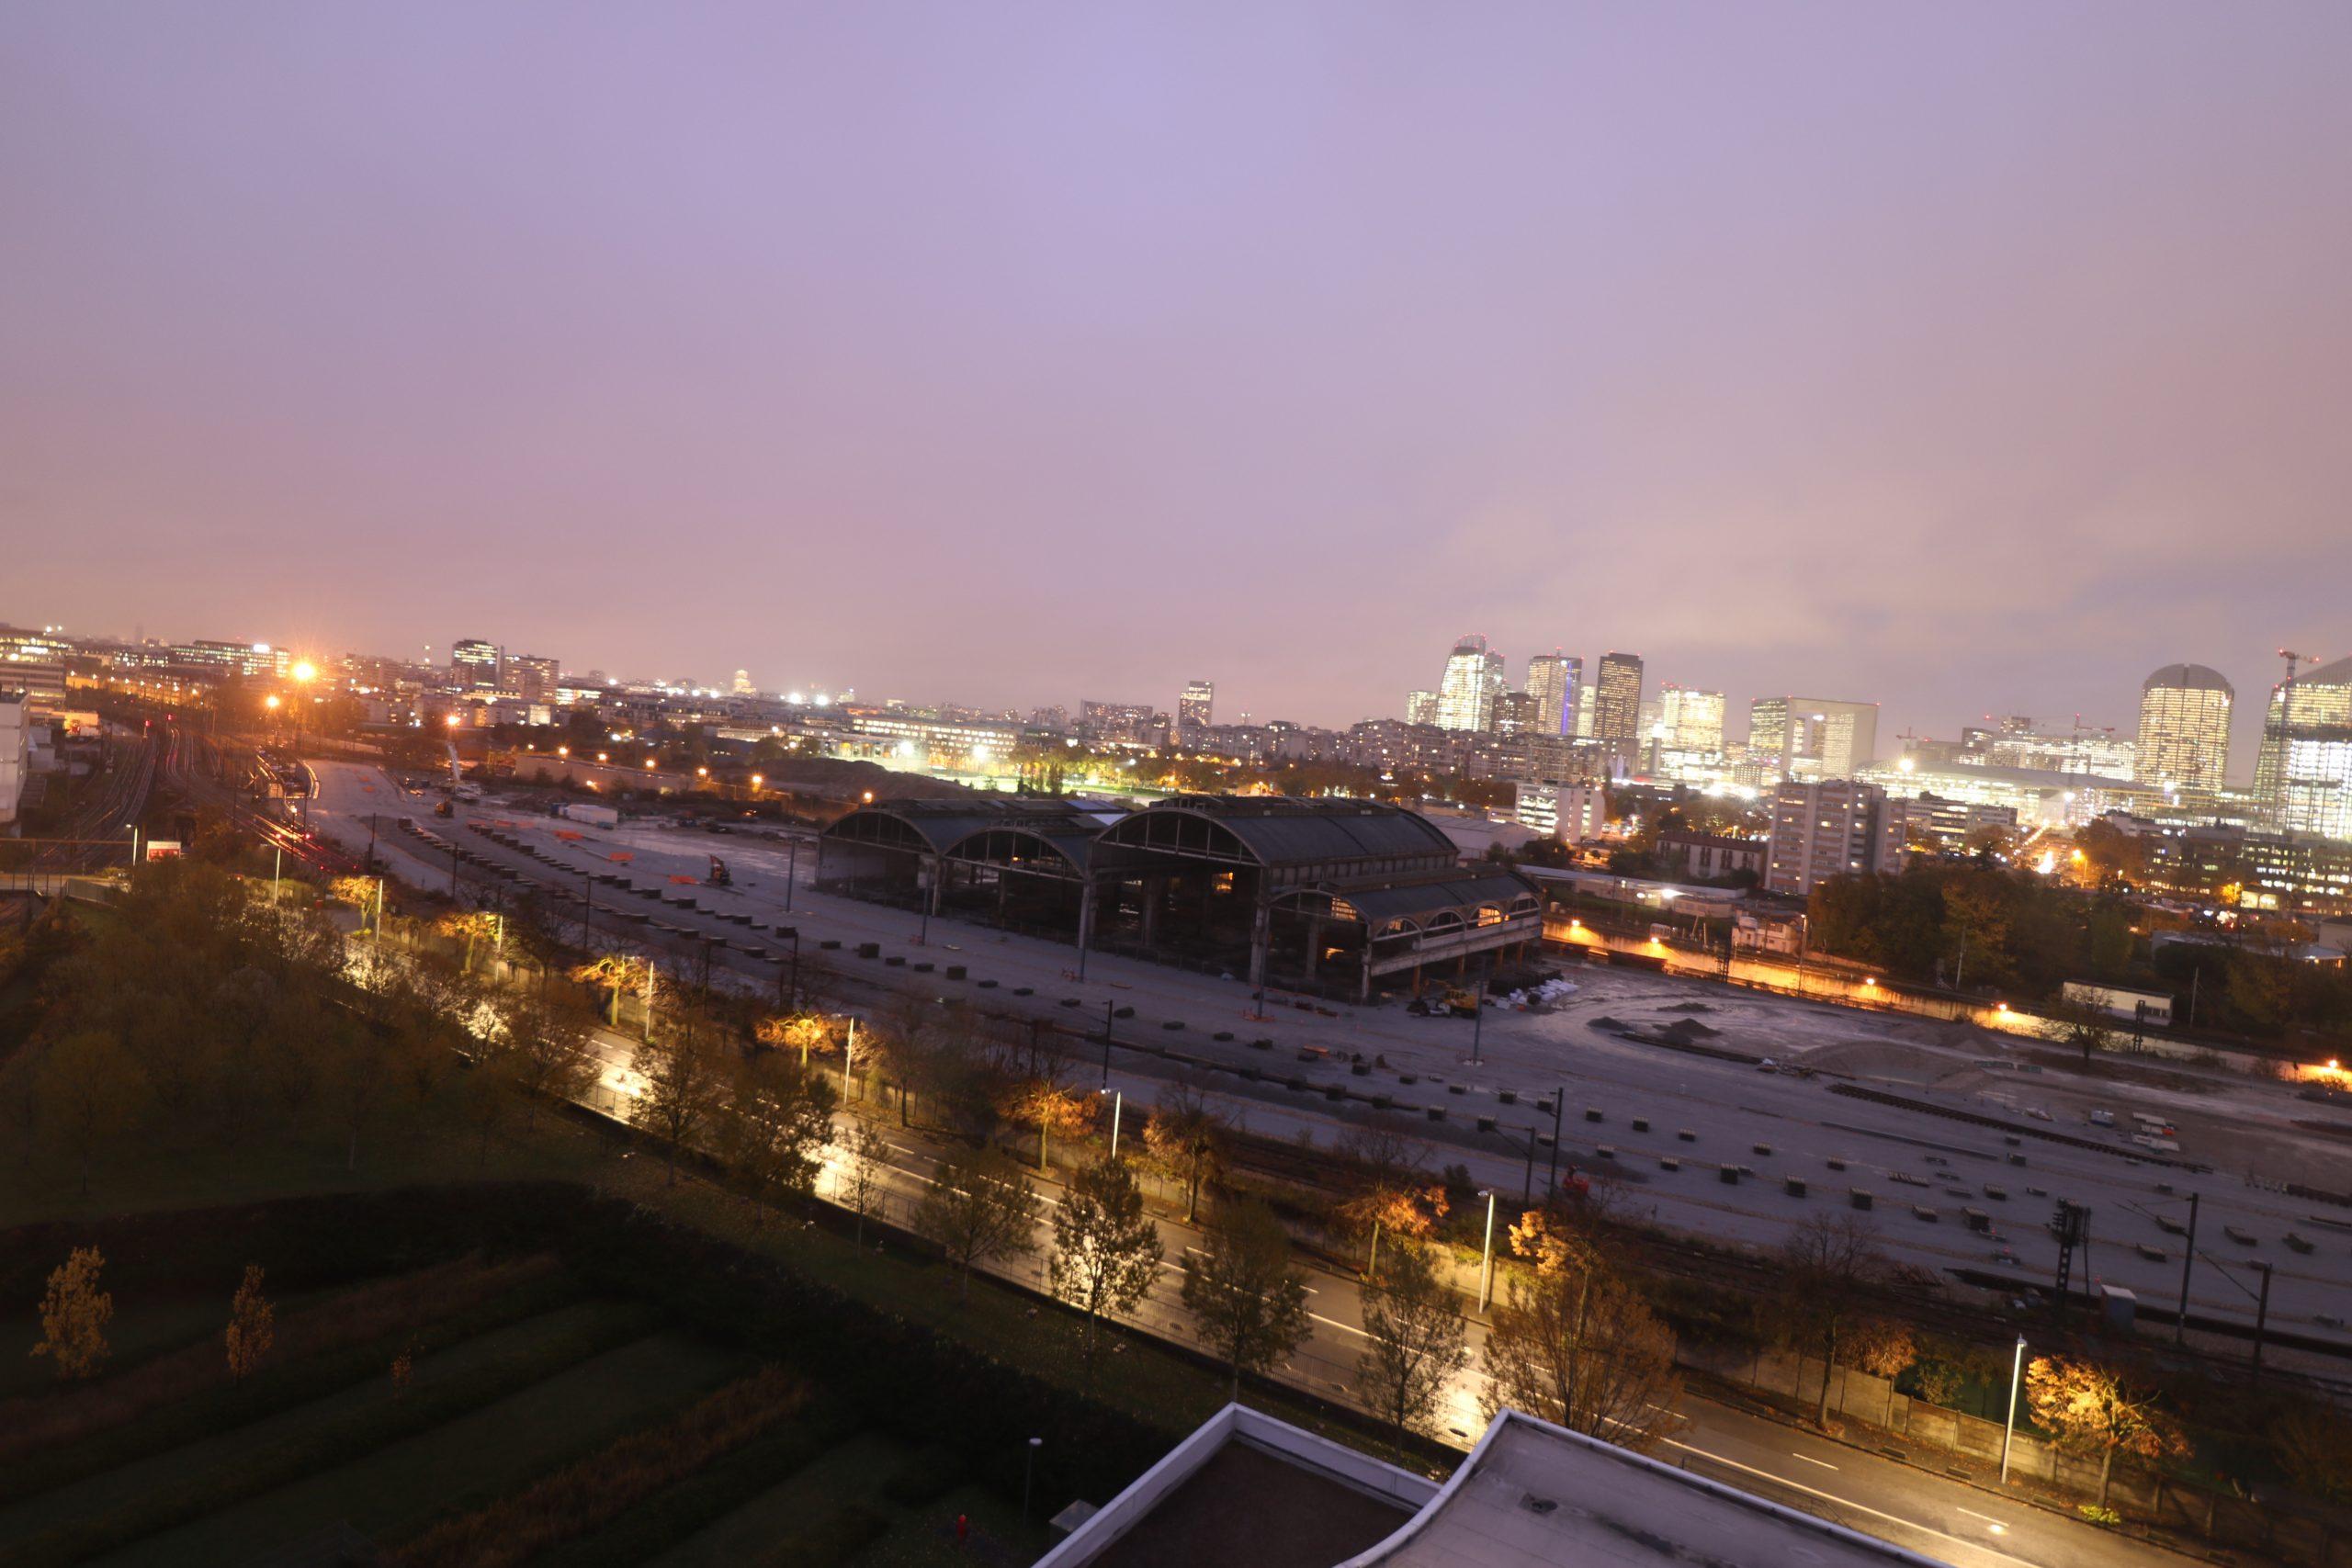 Vue de nuit du site de maintenance des rames, avec les premières rails